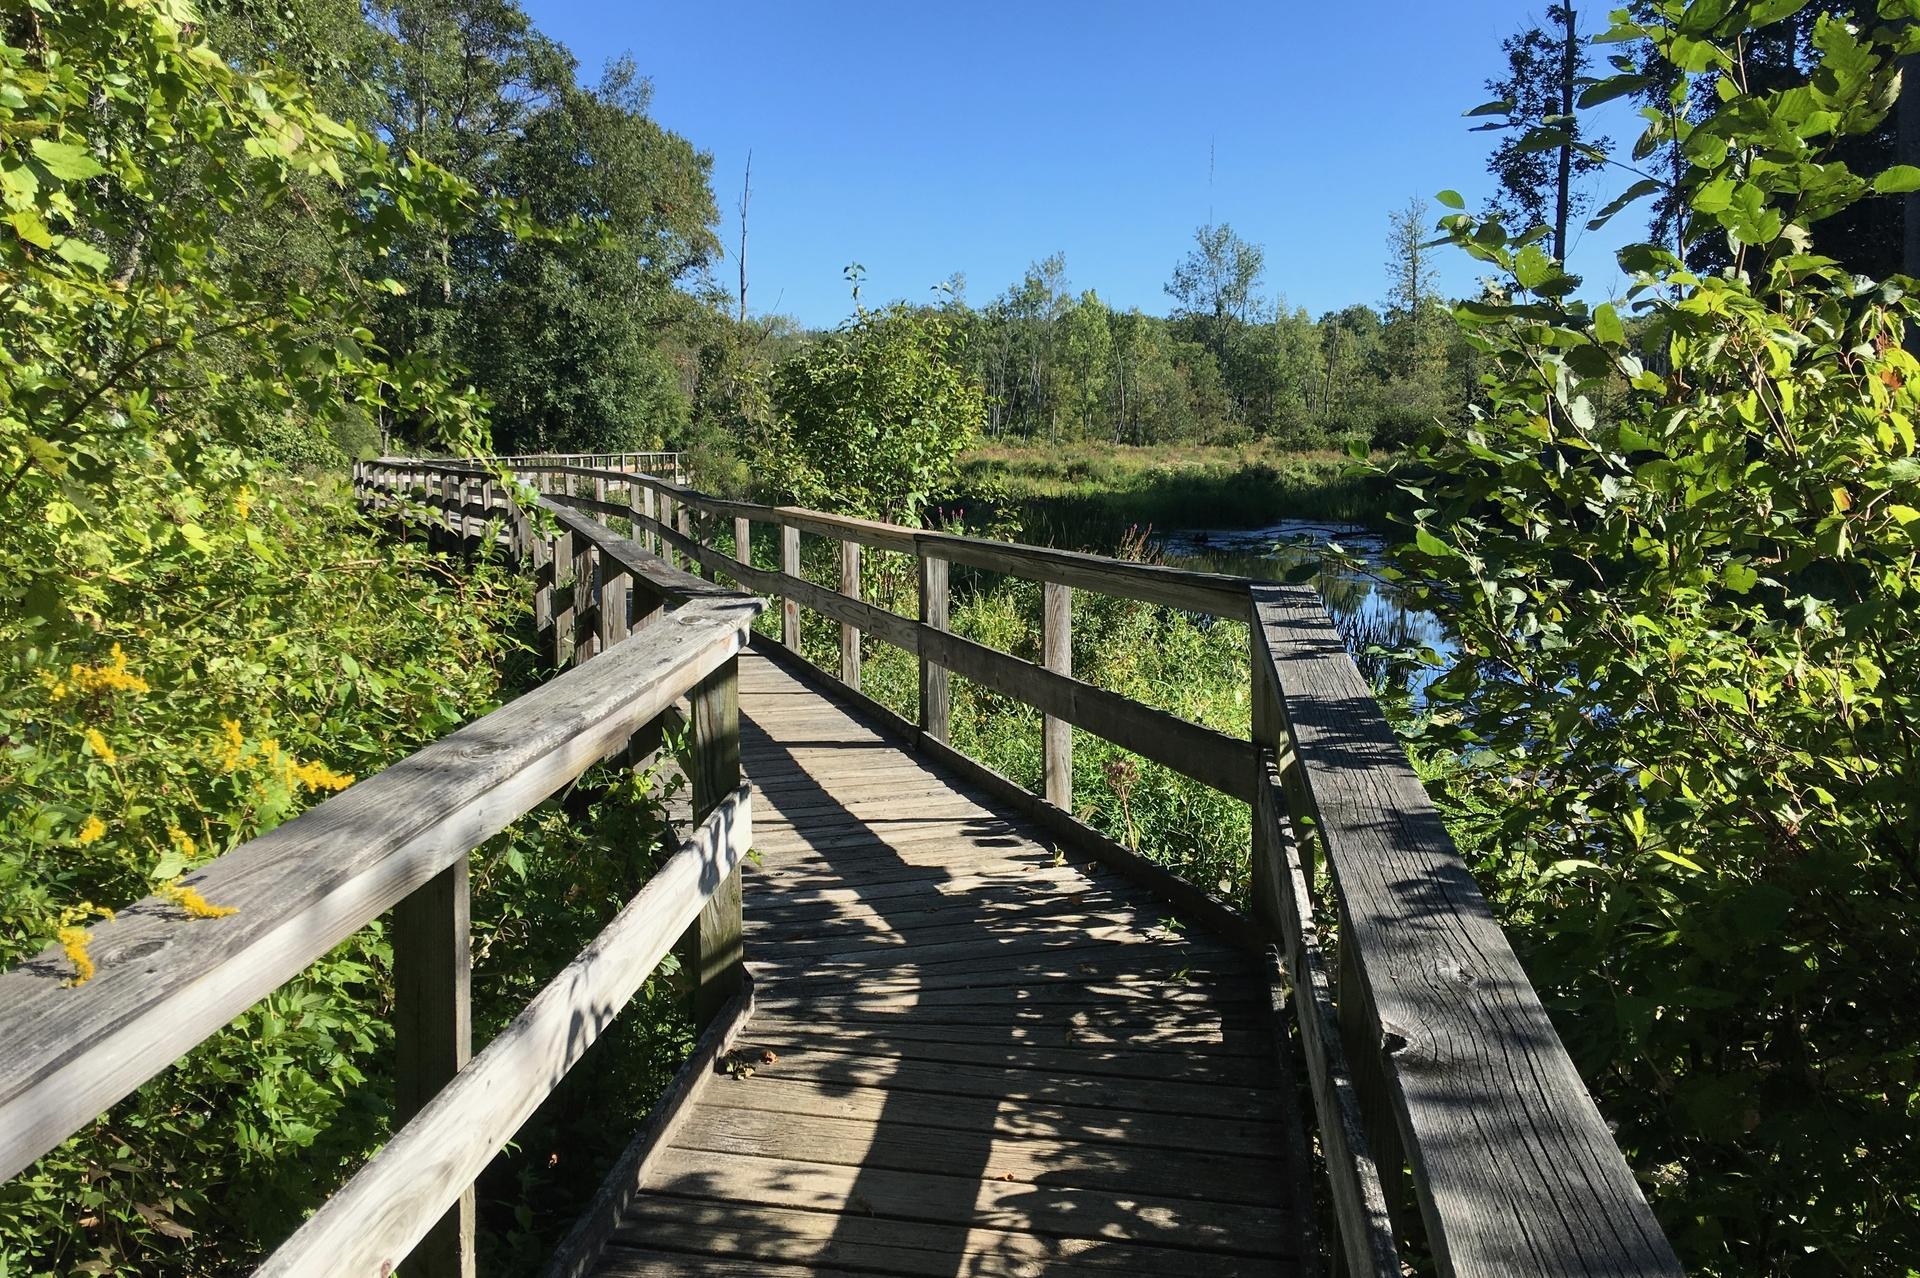 Green Trail boardwalk